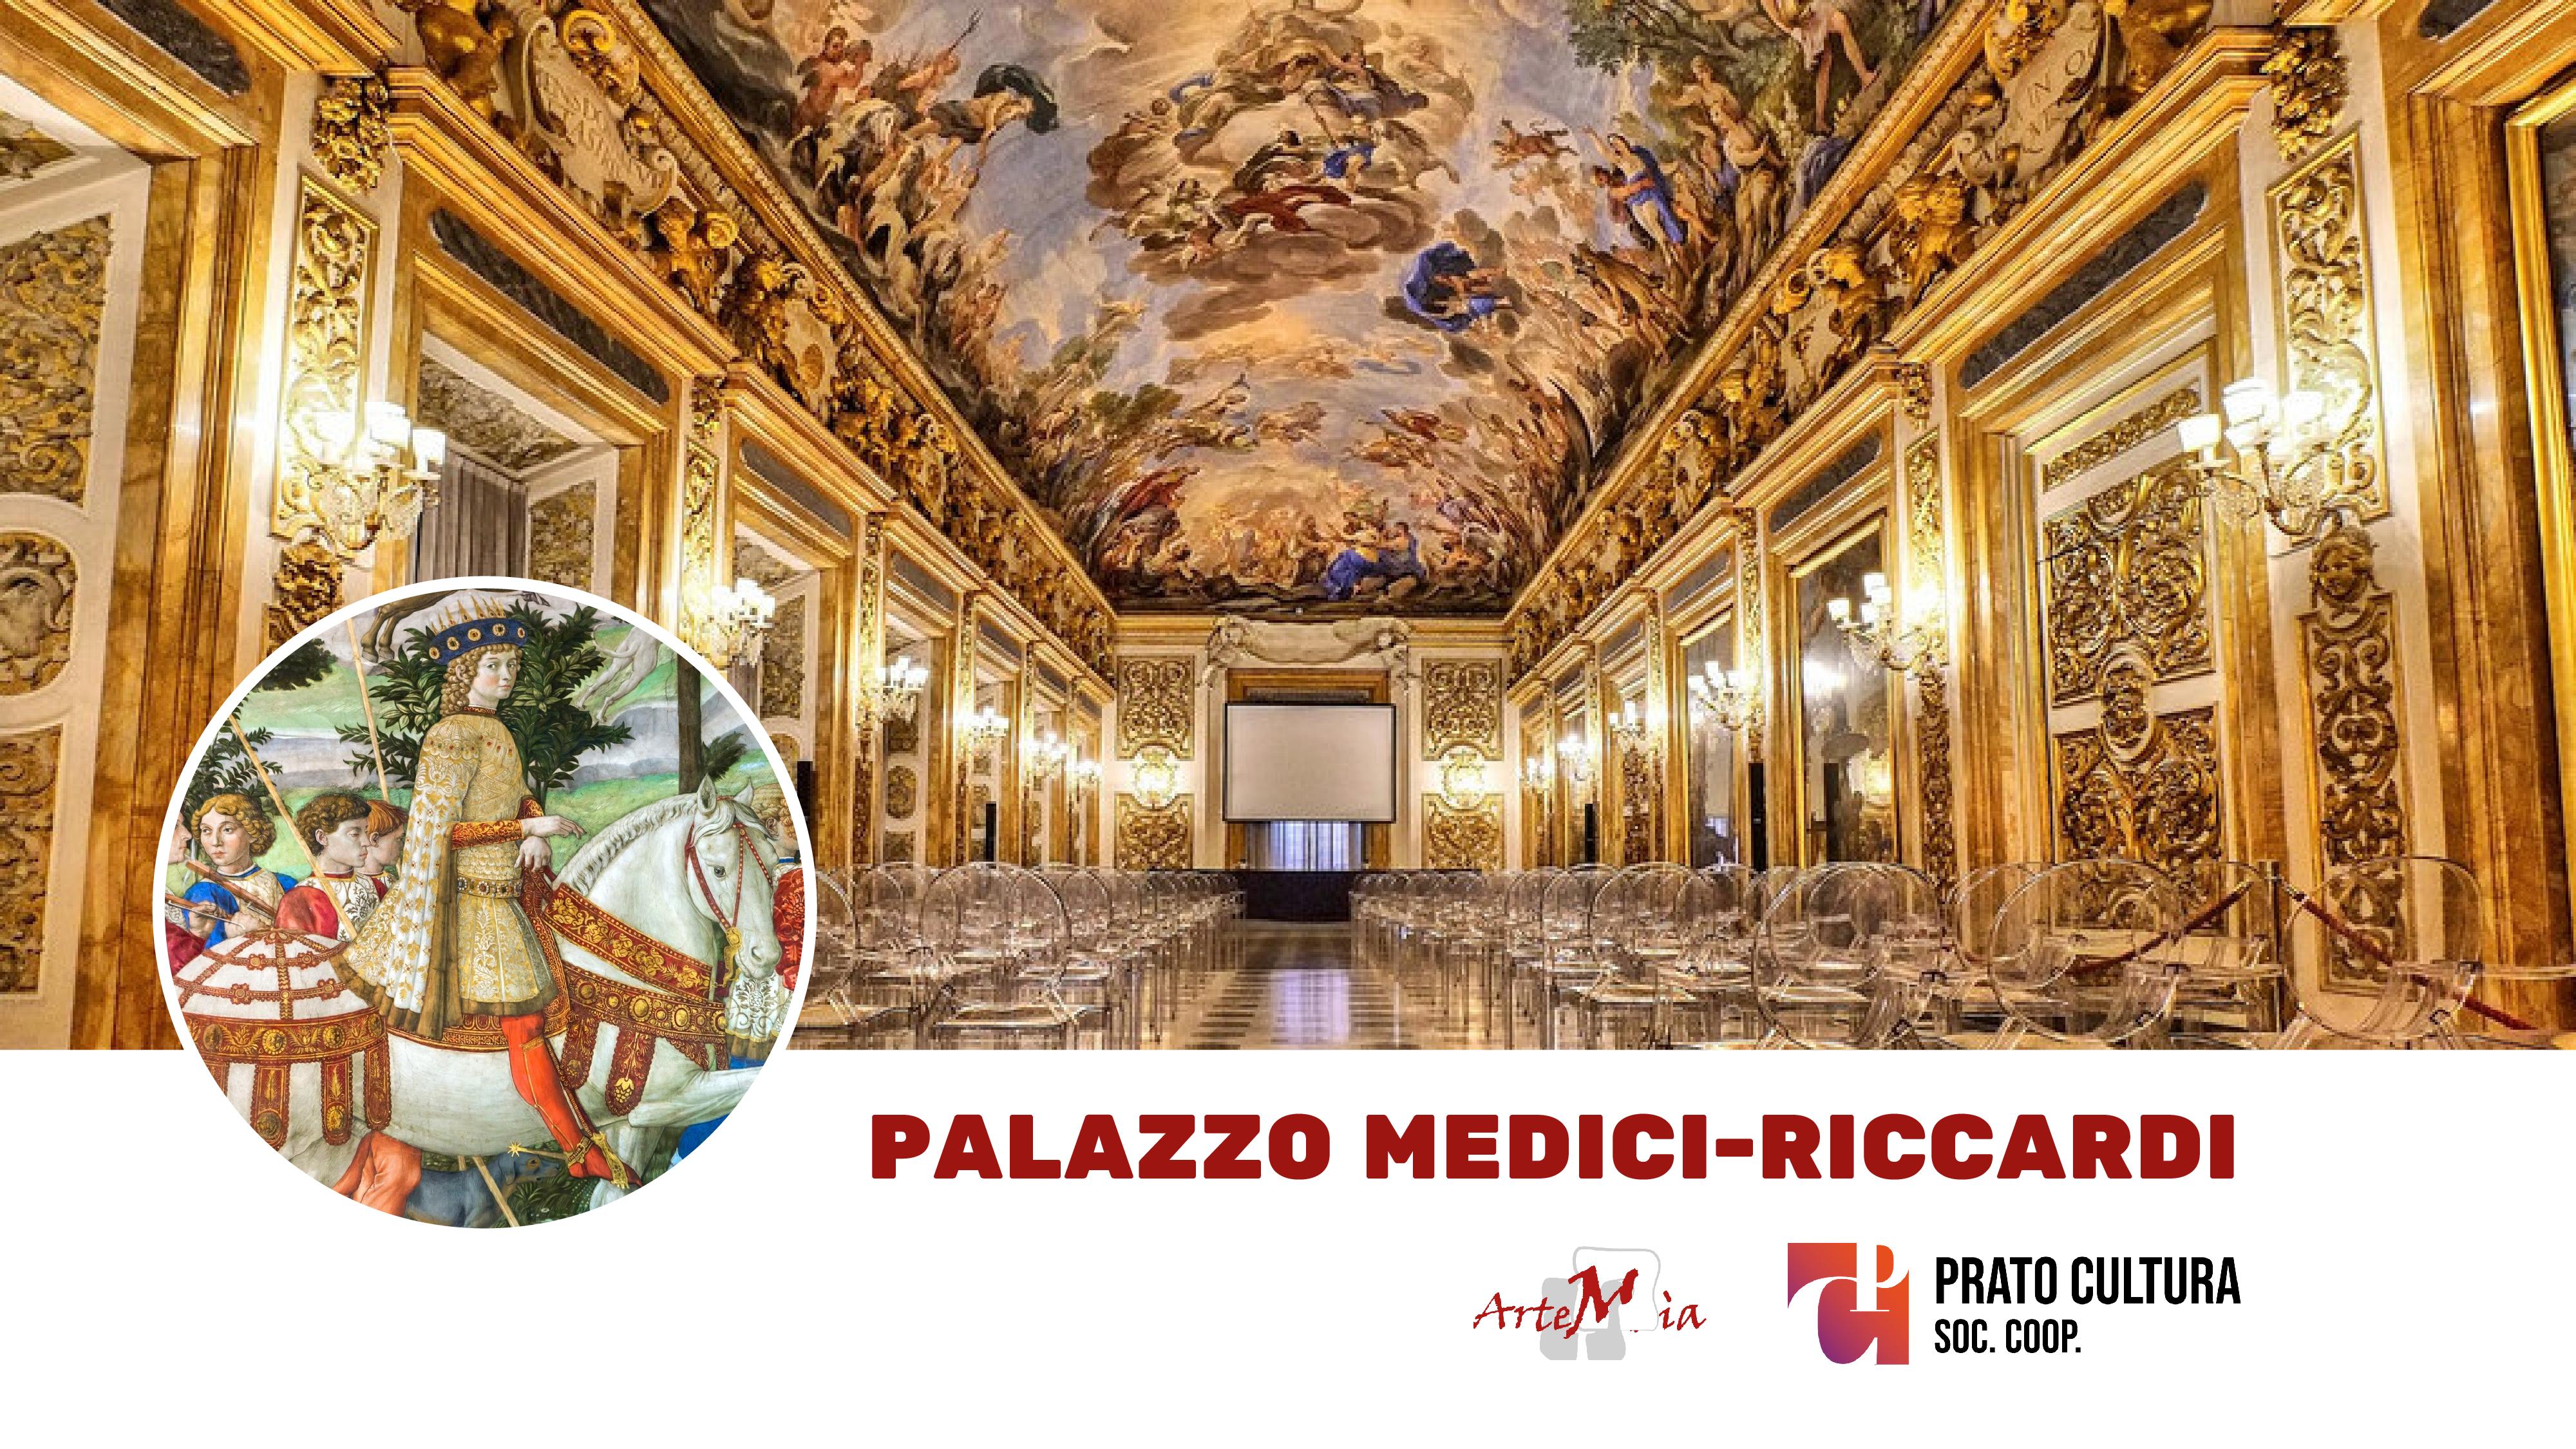 Visita: Palazzo Medici-Riccardi di Firenze